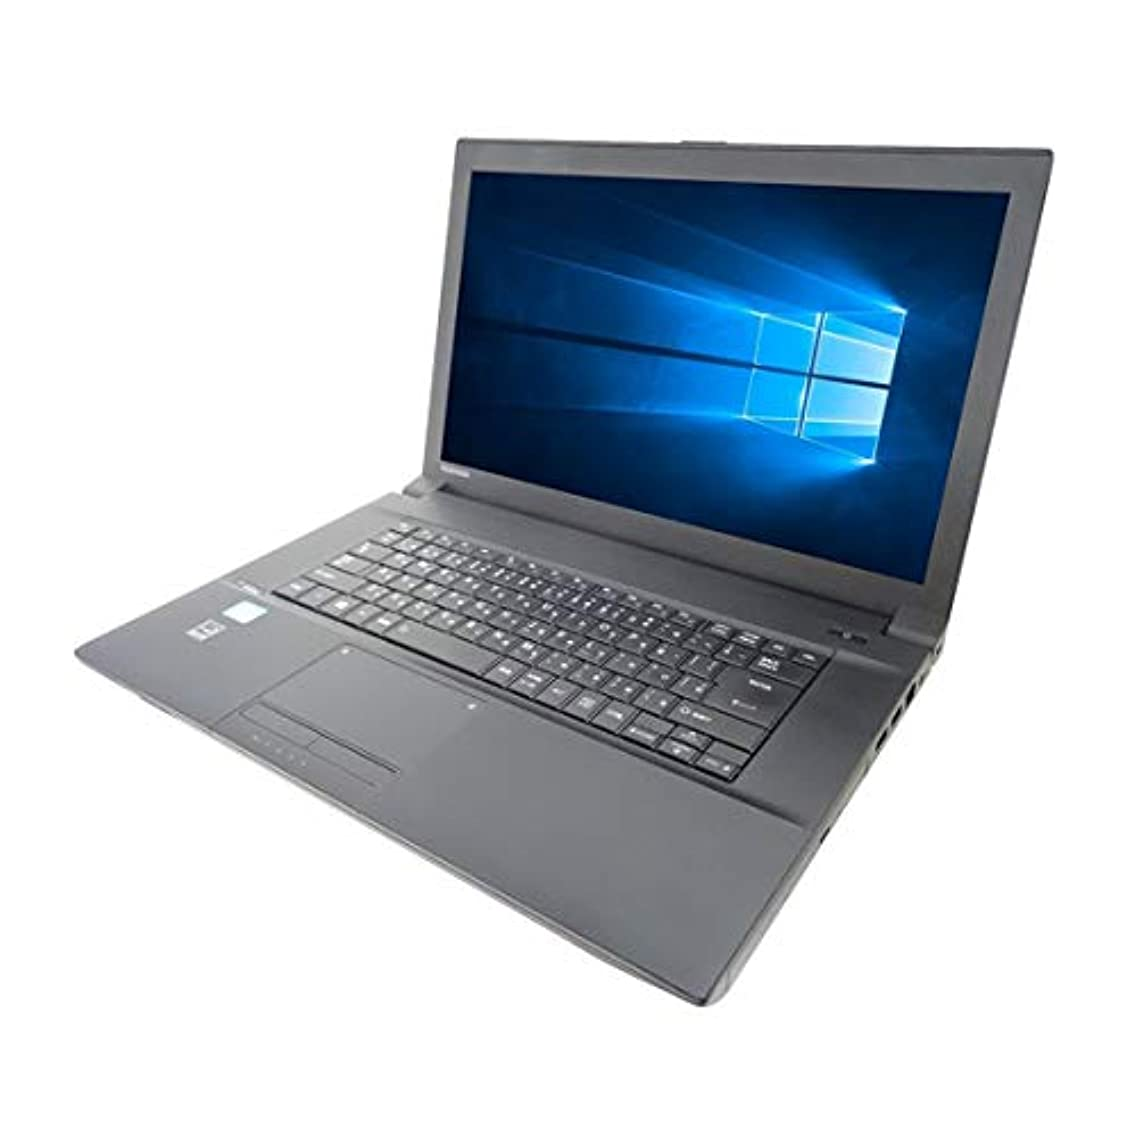 レーダー暴露する下【Microsoft Office 2016搭載】【Win 10搭載】TOSHIBA B553/第三世代Core i5 2.5GHz/メモリー8GB/新品SSD:240GB/DVDドライブ/USB 3.0/大画面15.6インチ/無線LAN搭載/ほぼ新品ノートパソコン/ (新品SSD:240GB)